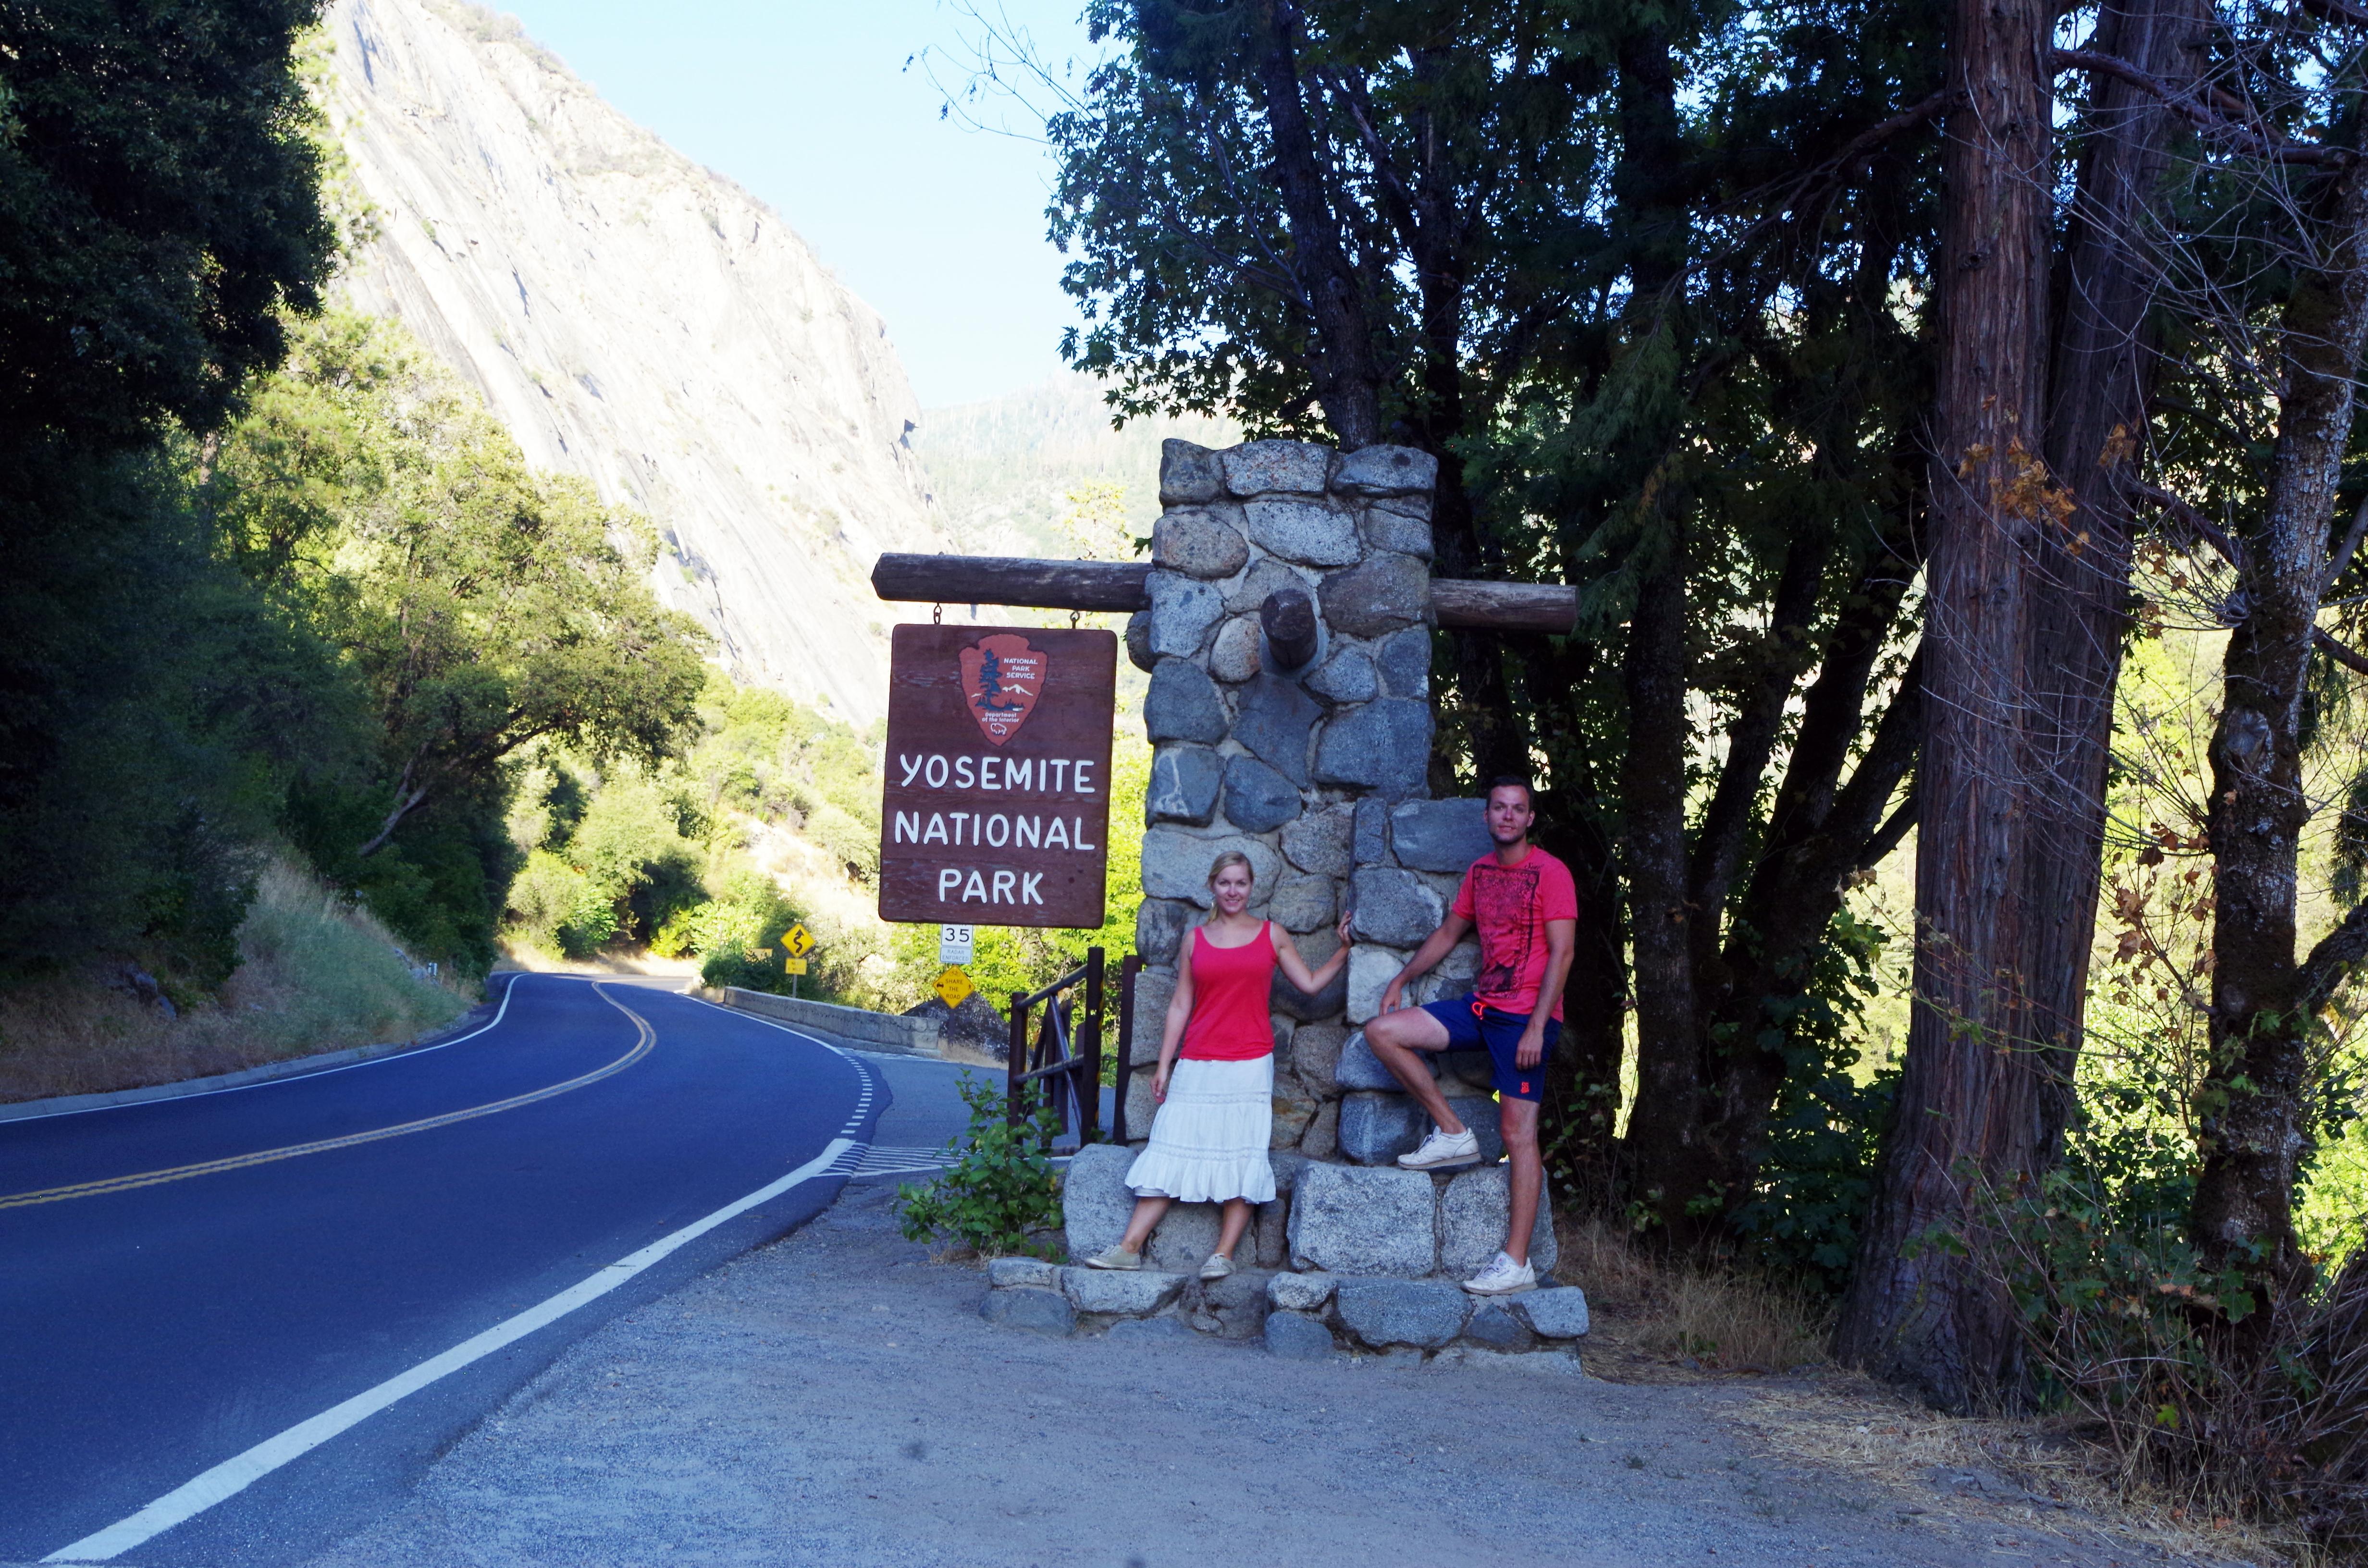 Der Yosemite Nationalpark ist riesig und beginnt schon im Tal, bevor es viele Kilometer bergauf geht